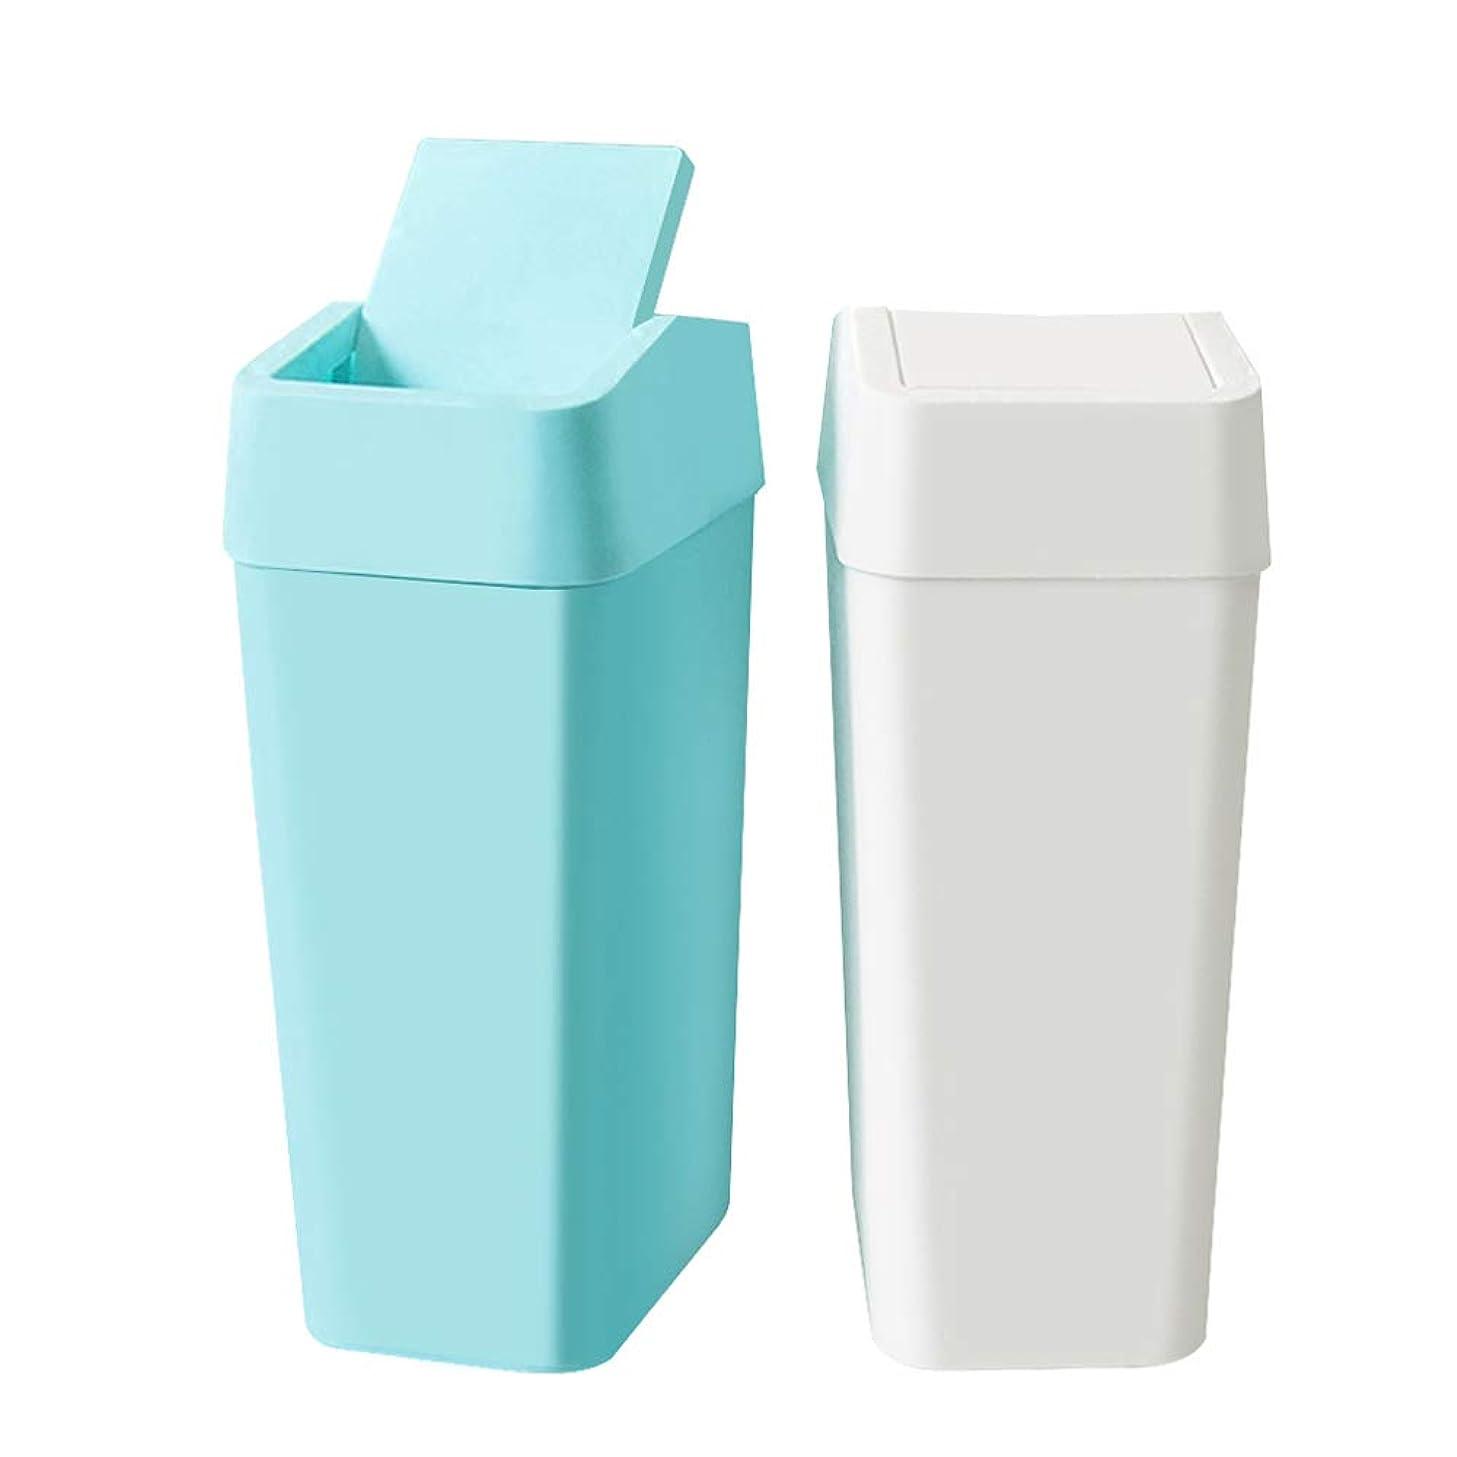 合理化談話本能GAOJIE 非常に狭くて簡単な浴室用ゴミ箱 (色 : White blue)